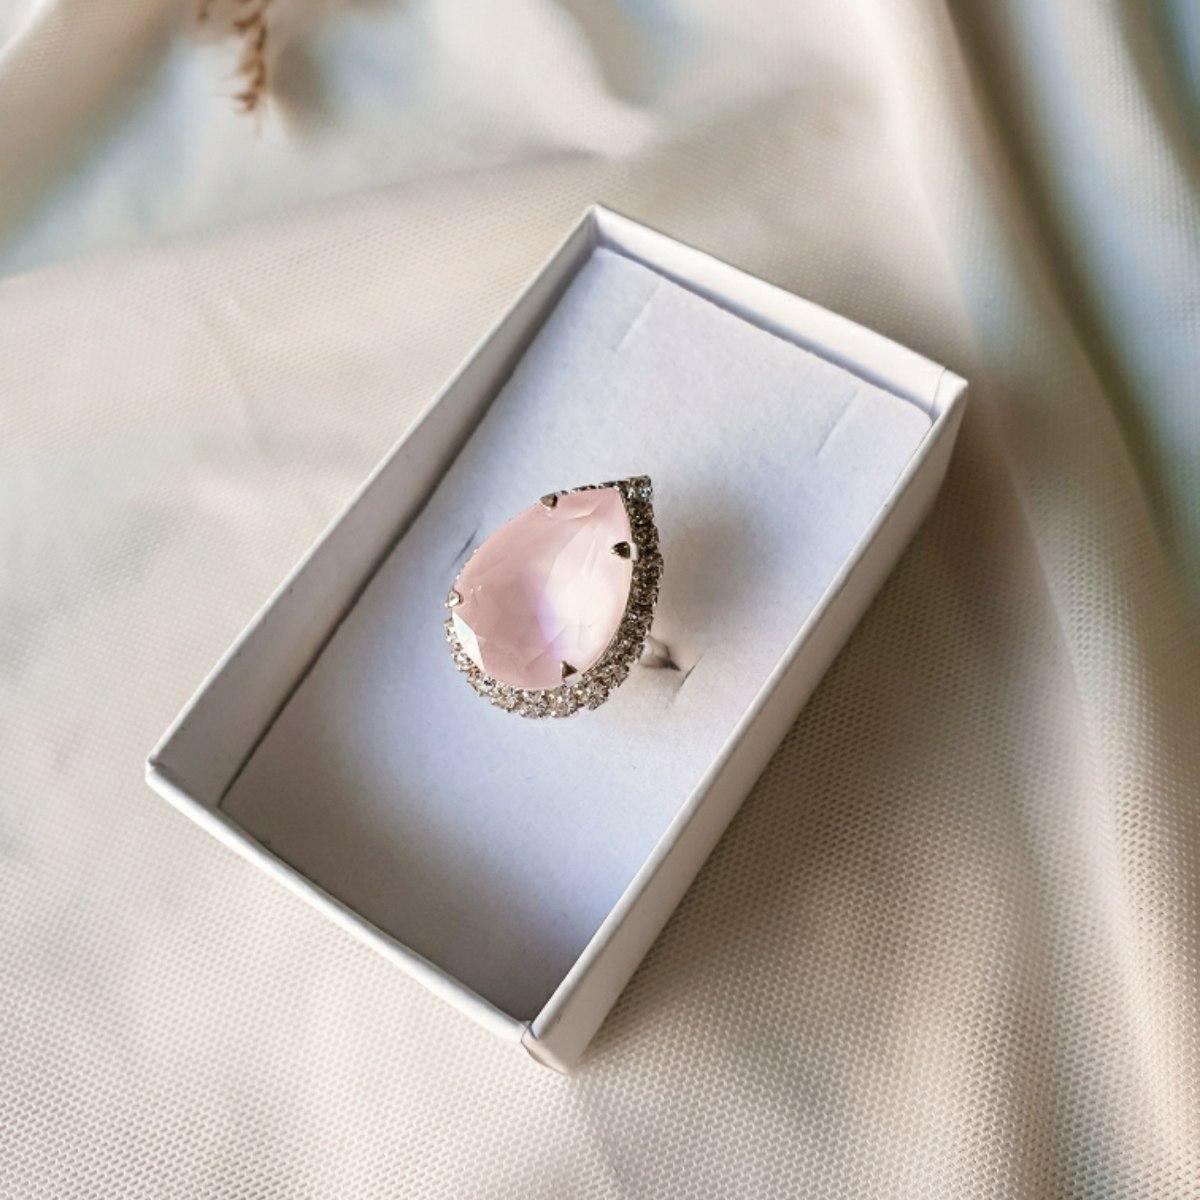 טבעת טיפה - ורוד בהיר כסף